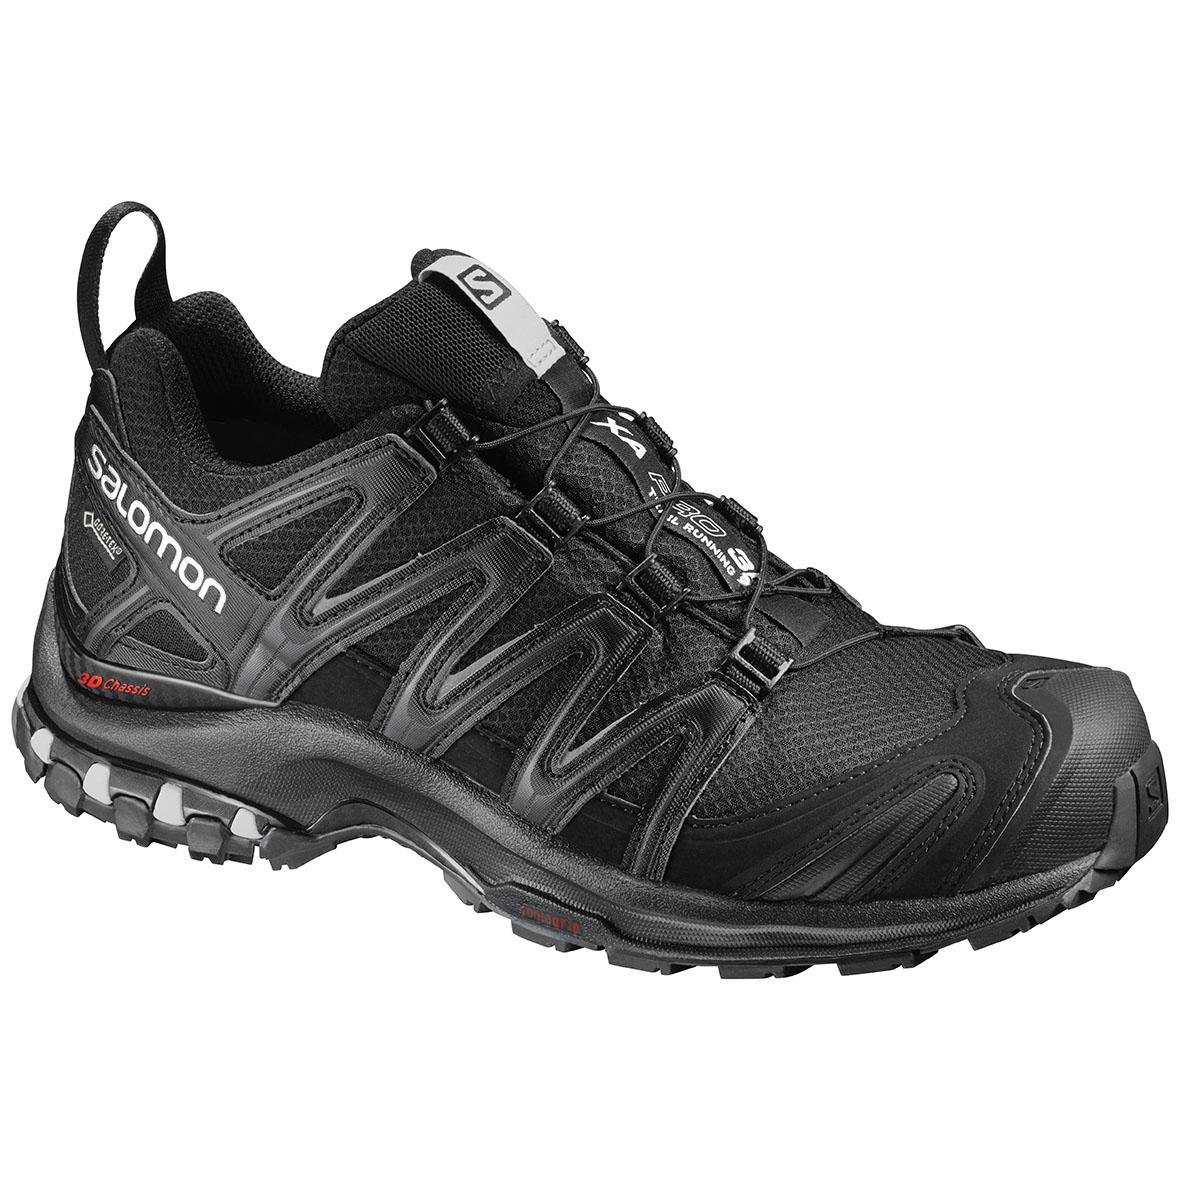 Shoes 3d Running Gtx® Pro Women's Xa lTK3JcF1